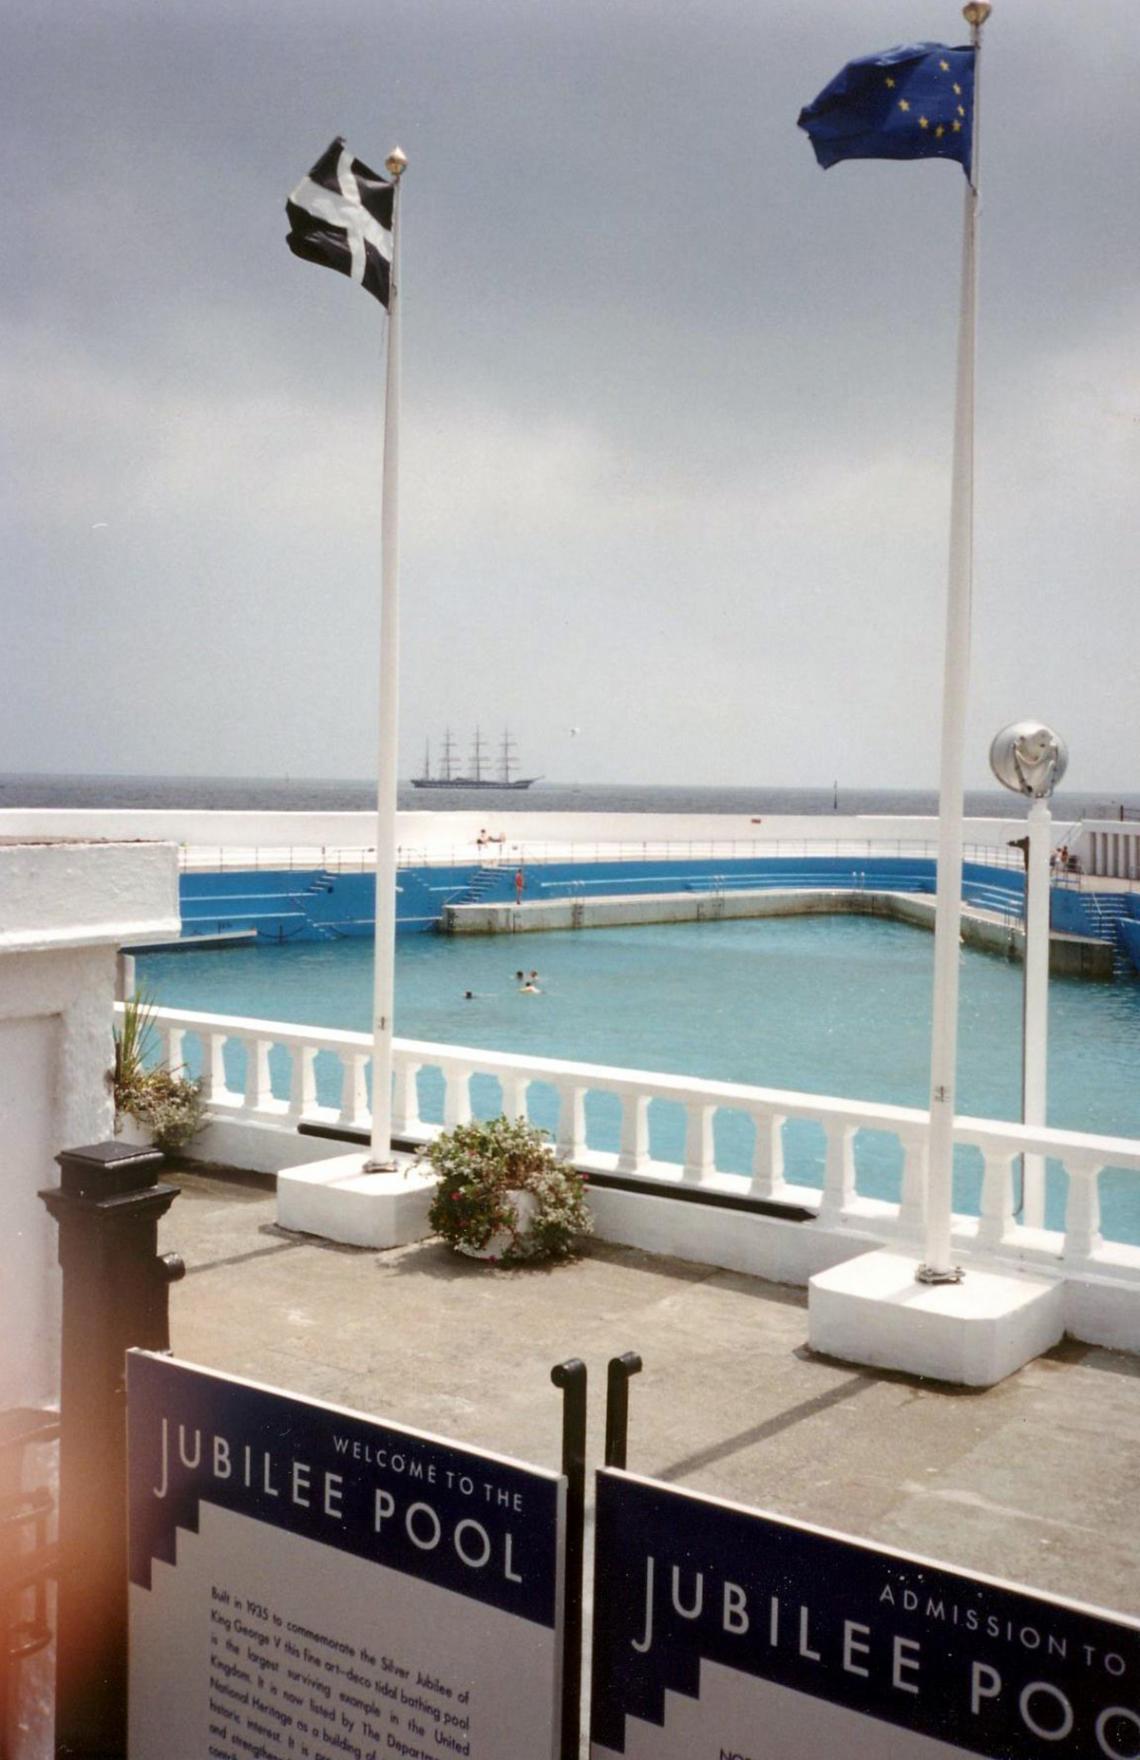 Summer at Jubilee Pool